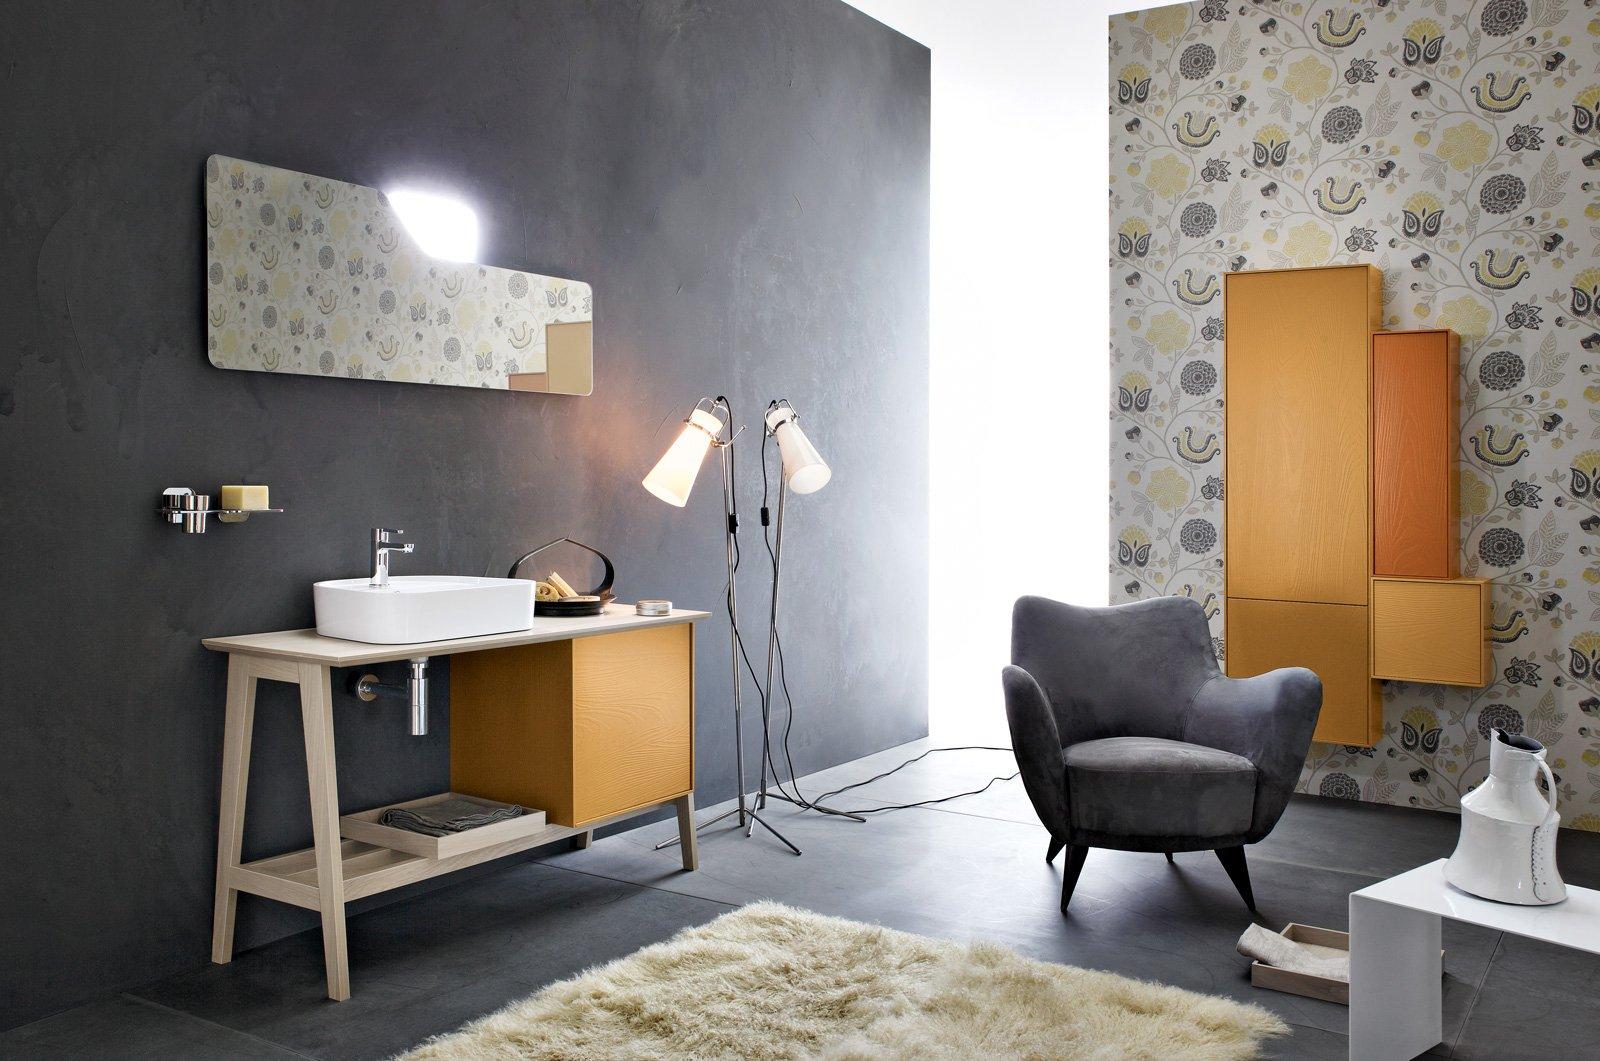 Cersaie 2015 i nuovi mobili per l 39 arredobagno cose di casa for Mobili design vintage